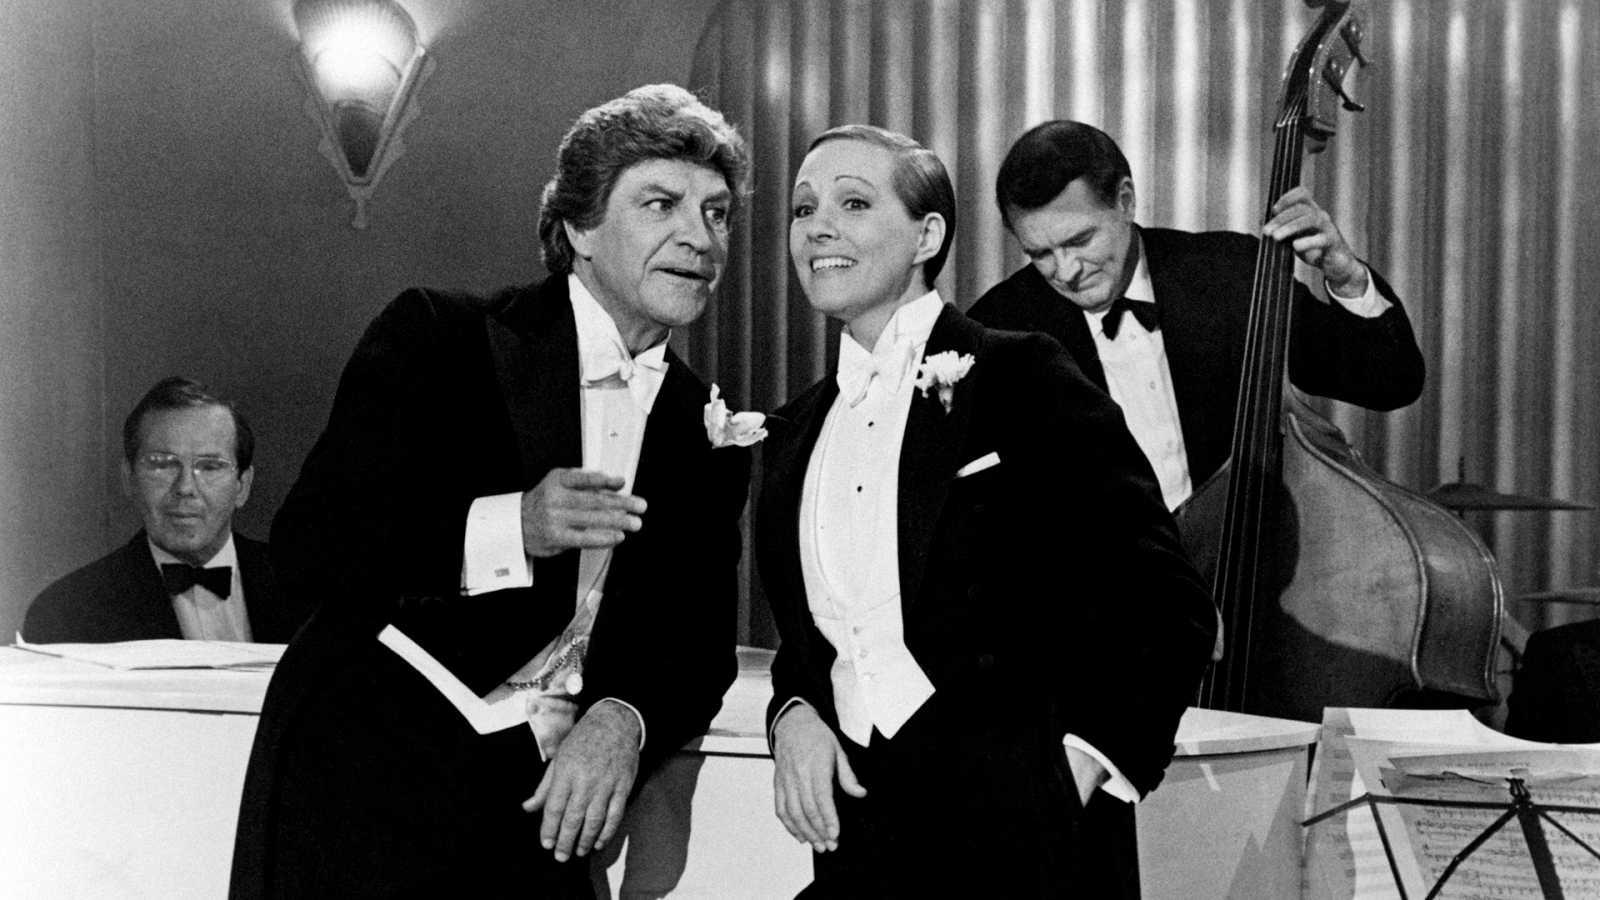 La noche temática - Julie Andrews. La melodía de una vida - ver ahora